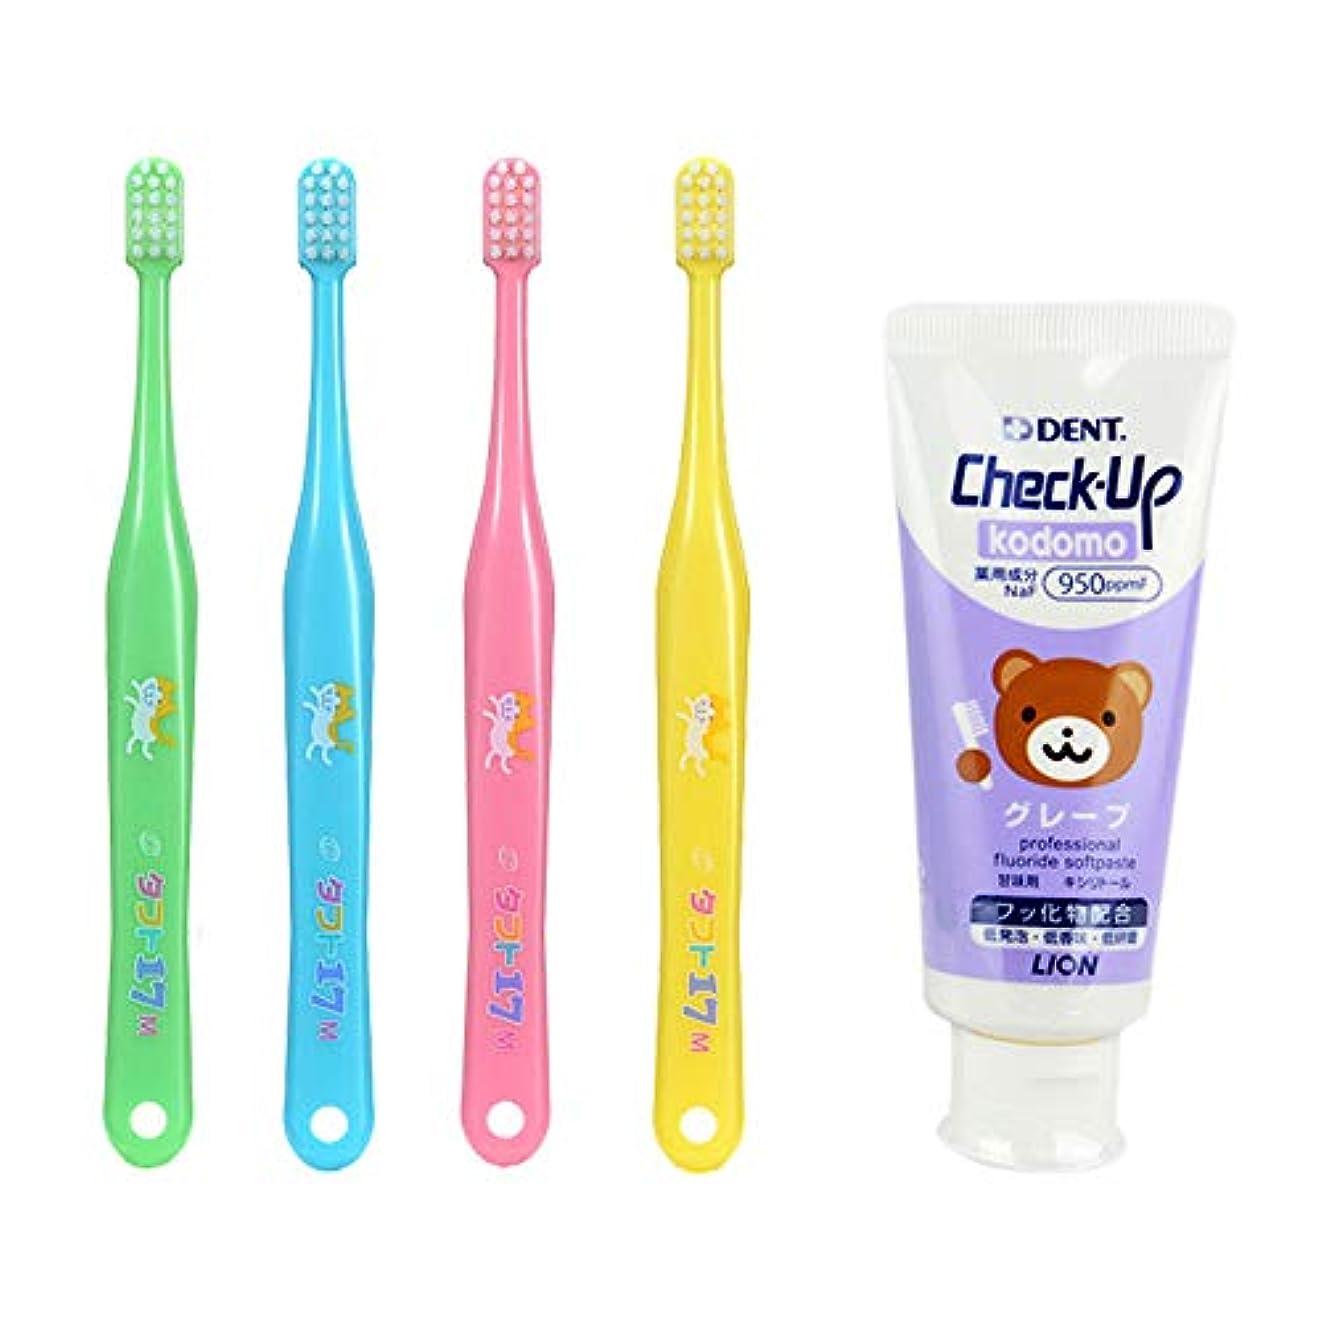 勧めるグループやさしいタフト17 M(ふつう) 子ども 歯ブラシ 10本 + チェックアップ コドモ 60g (グレープ) 歯磨き粉 歯科専売品